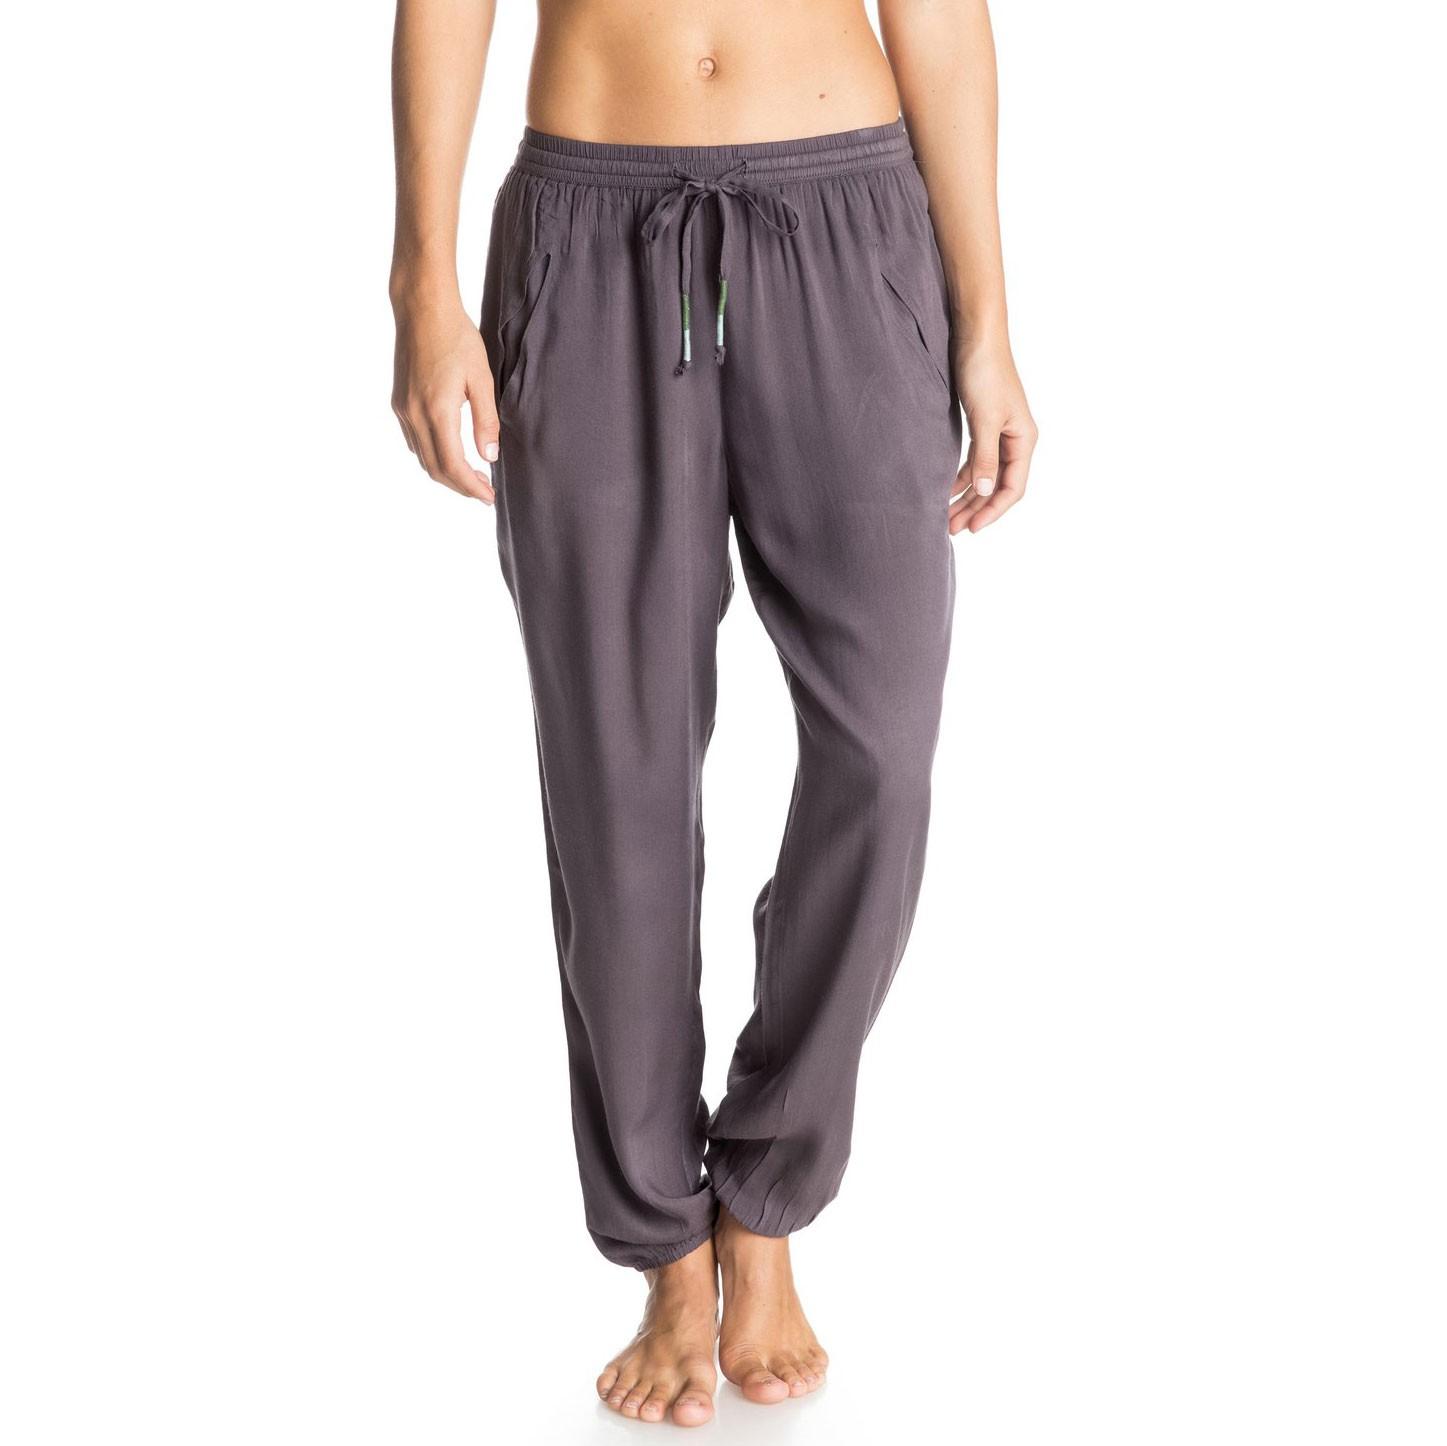 Kalhoty Roxy Sunday Noon Solid dark midnight vel.XS 16 + doručení do 24 hodin